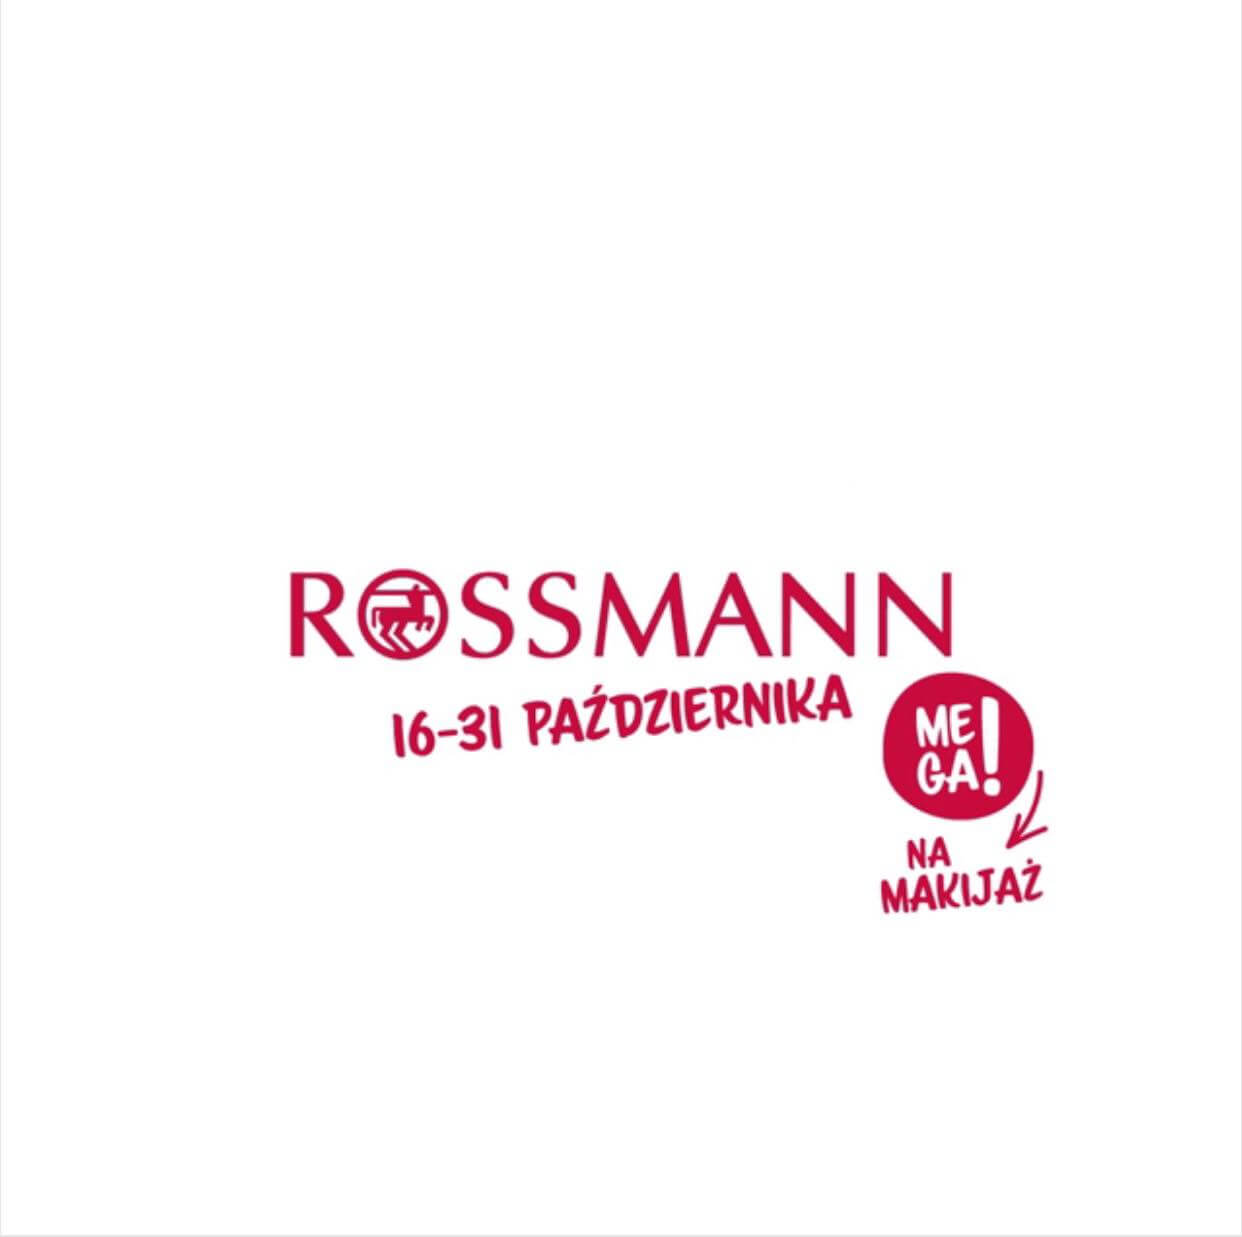 Najbardziej wyczekiwana w tym roku w Rossmann...